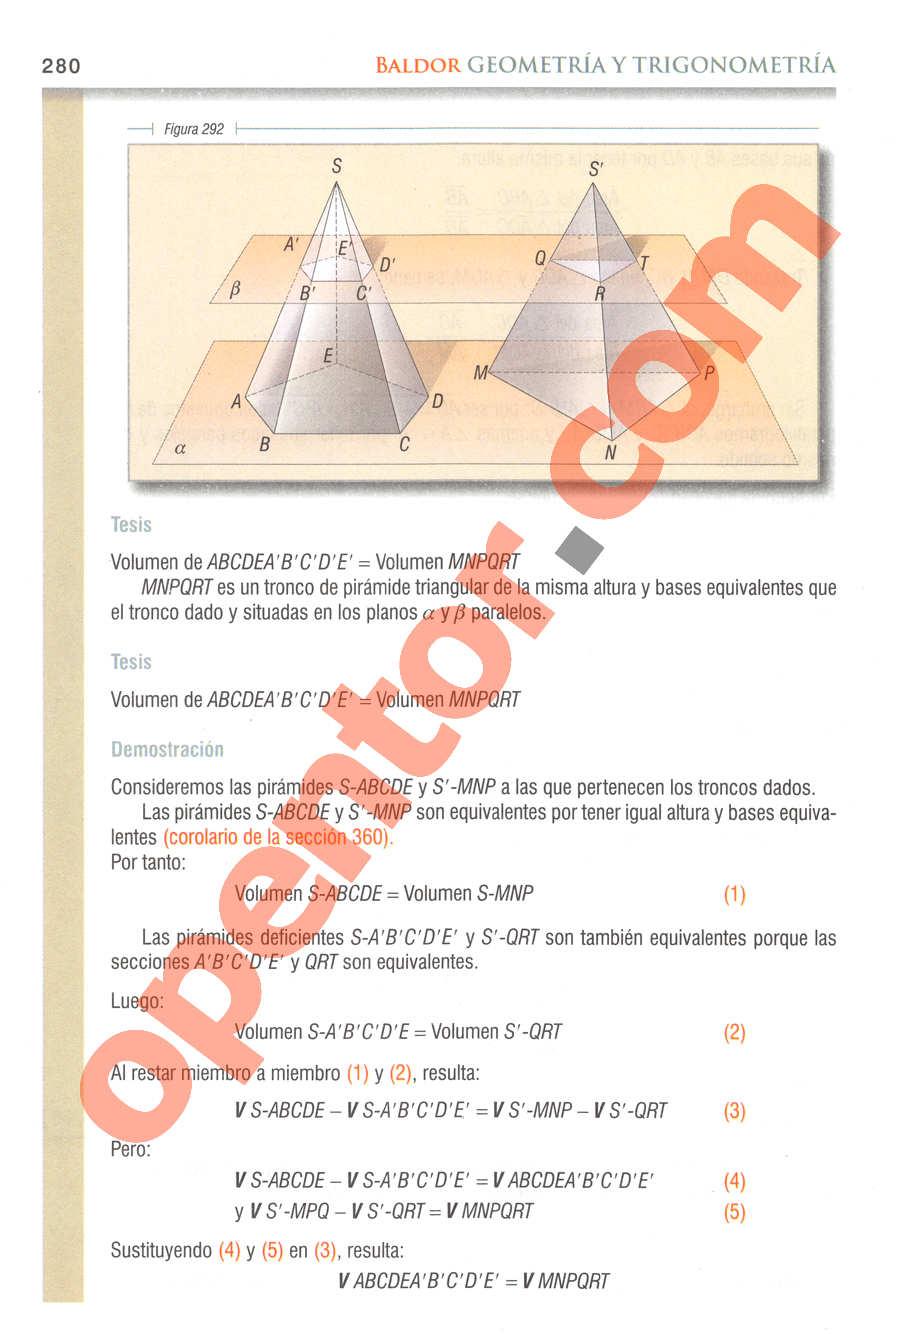 Geometría y Trigonometría de Baldor - Página 280